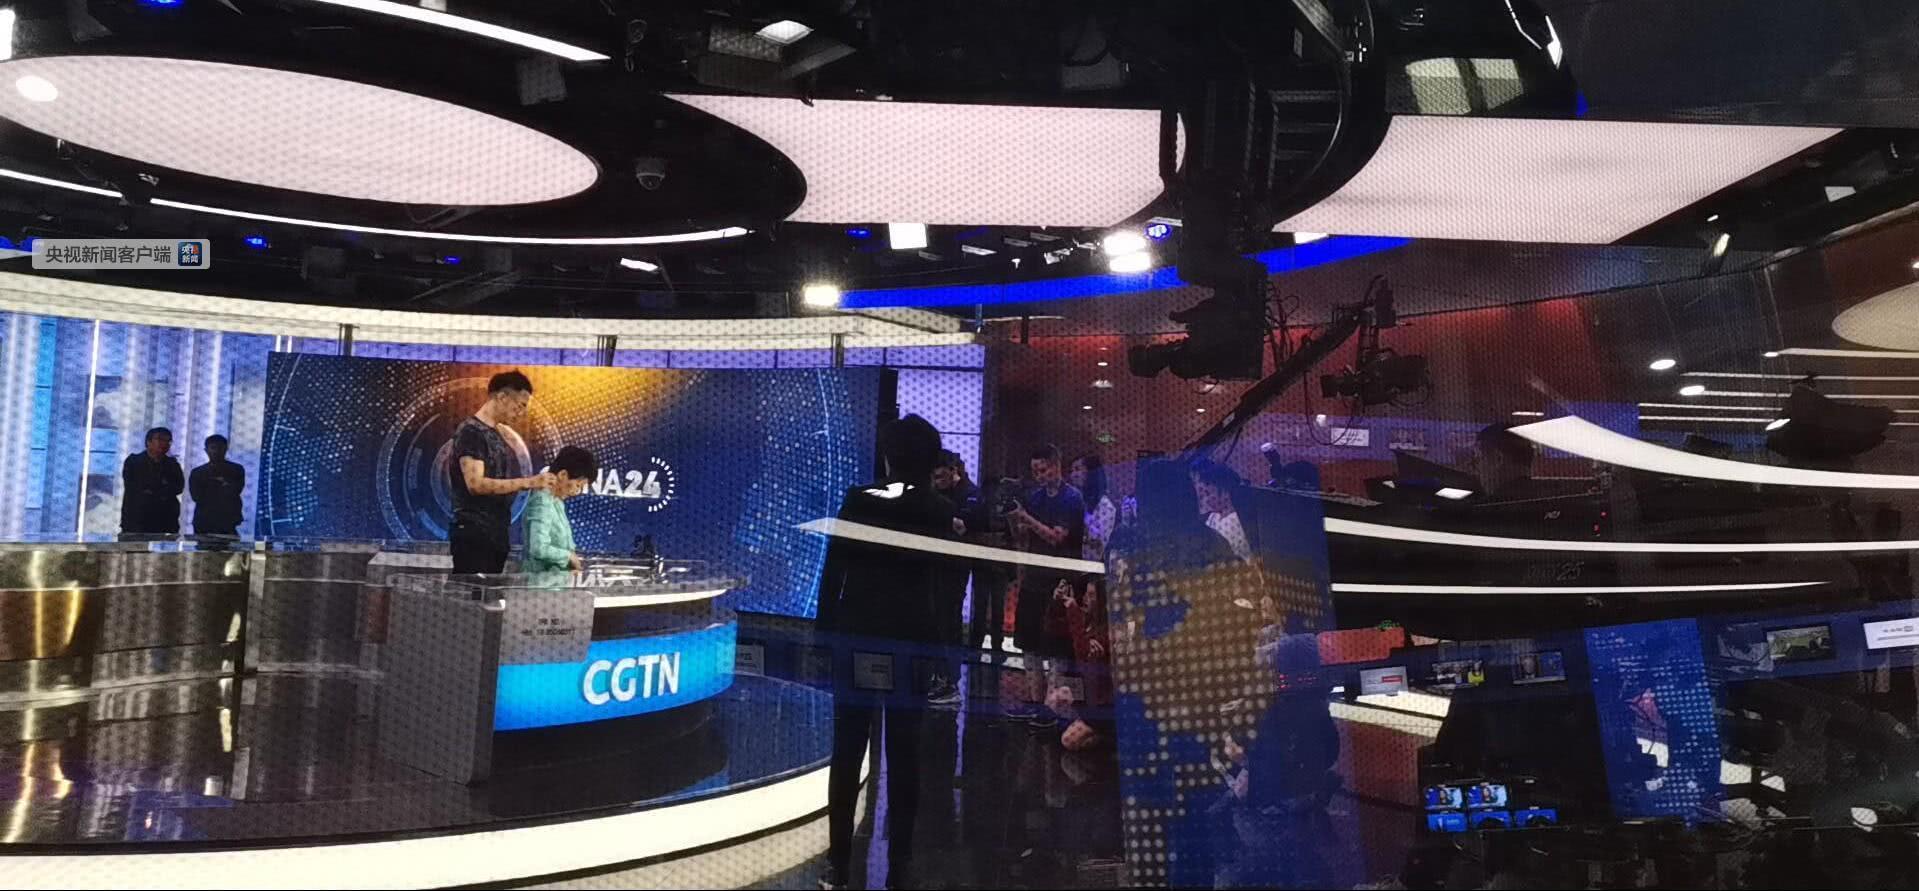 中美女主播辩论直播在哪里看,中美女主播辩论直播入口时间